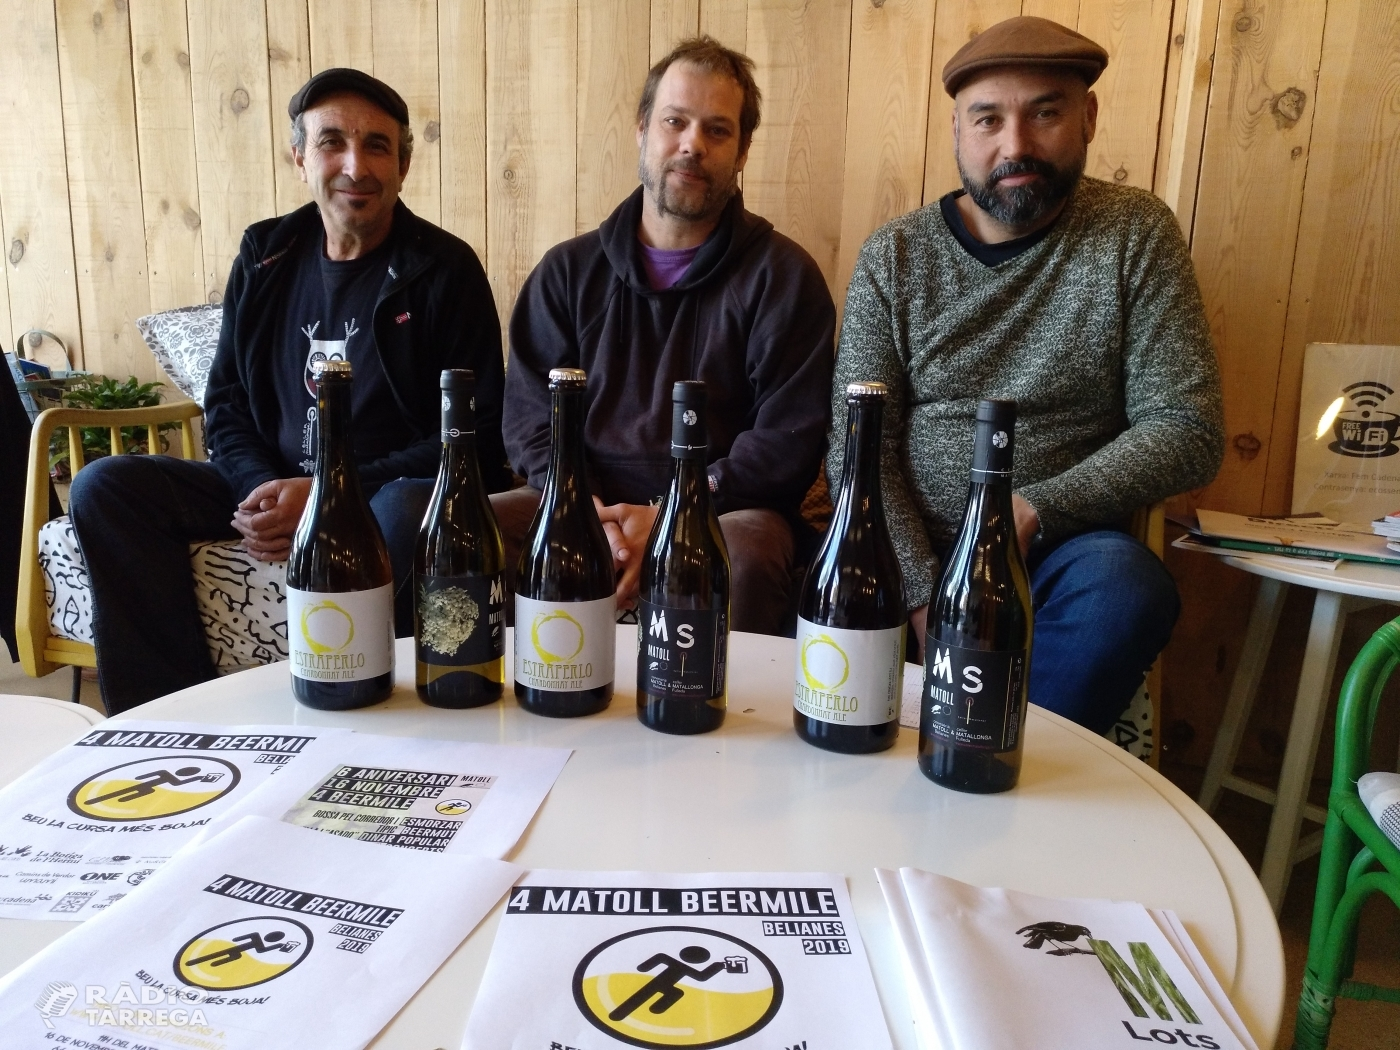 Belianes acollirà el proper dissabte 16 de novembre la quarta edició de la Beer Mile